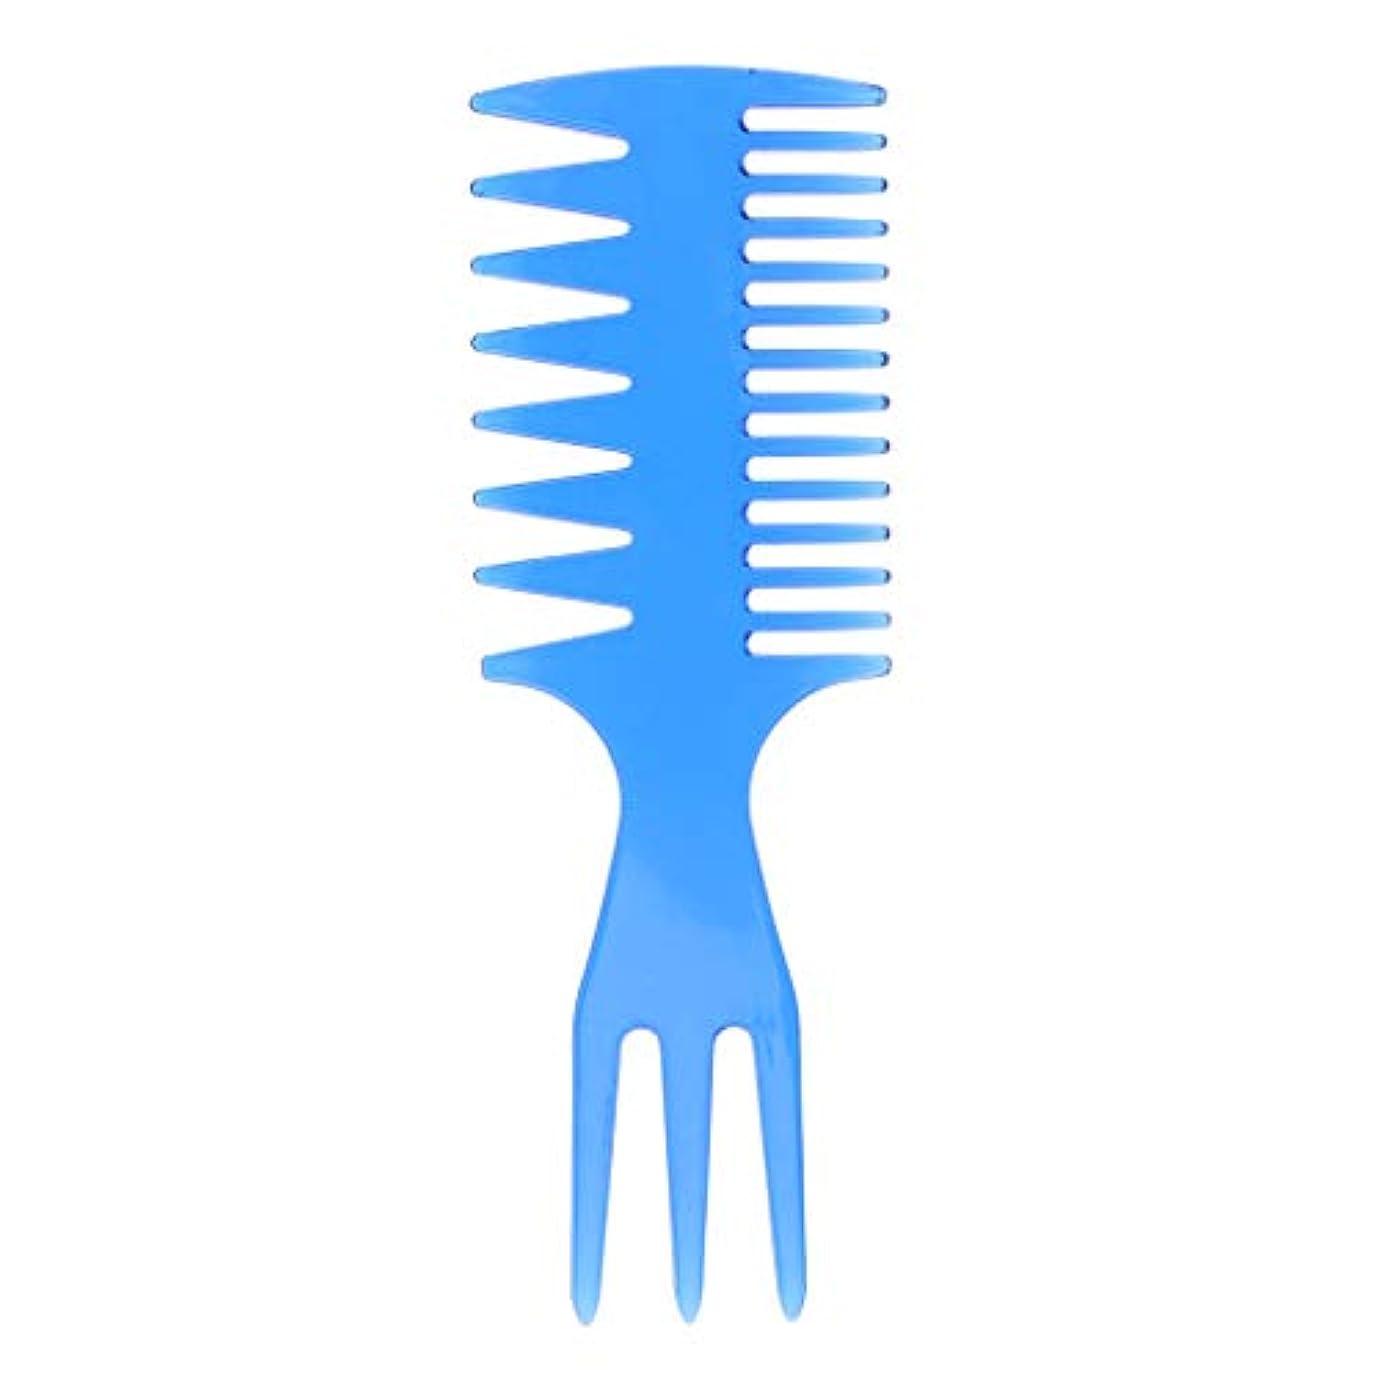 トランスペアレント神経障害ポイント1つの人の油性毛の一突きの櫛の大広間の染料の理髪のスタイリング広い歯に付き3つ